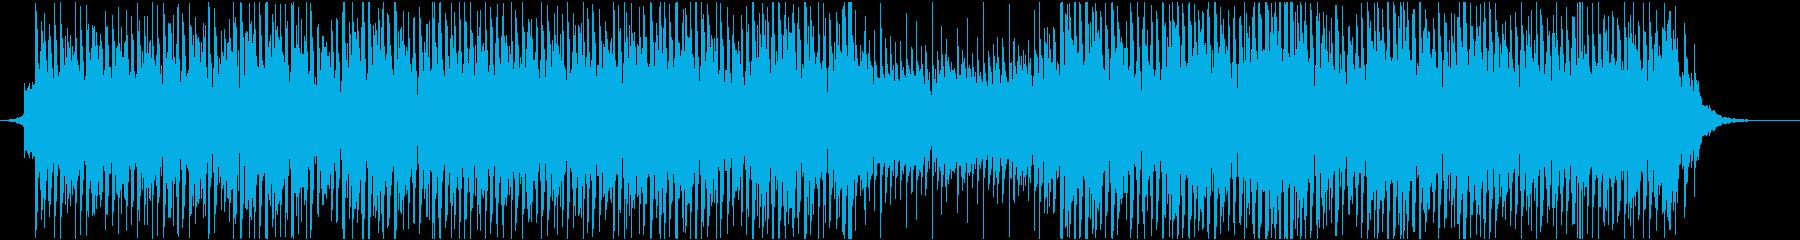 企業VPに使いやすいエレクトロポップの再生済みの波形